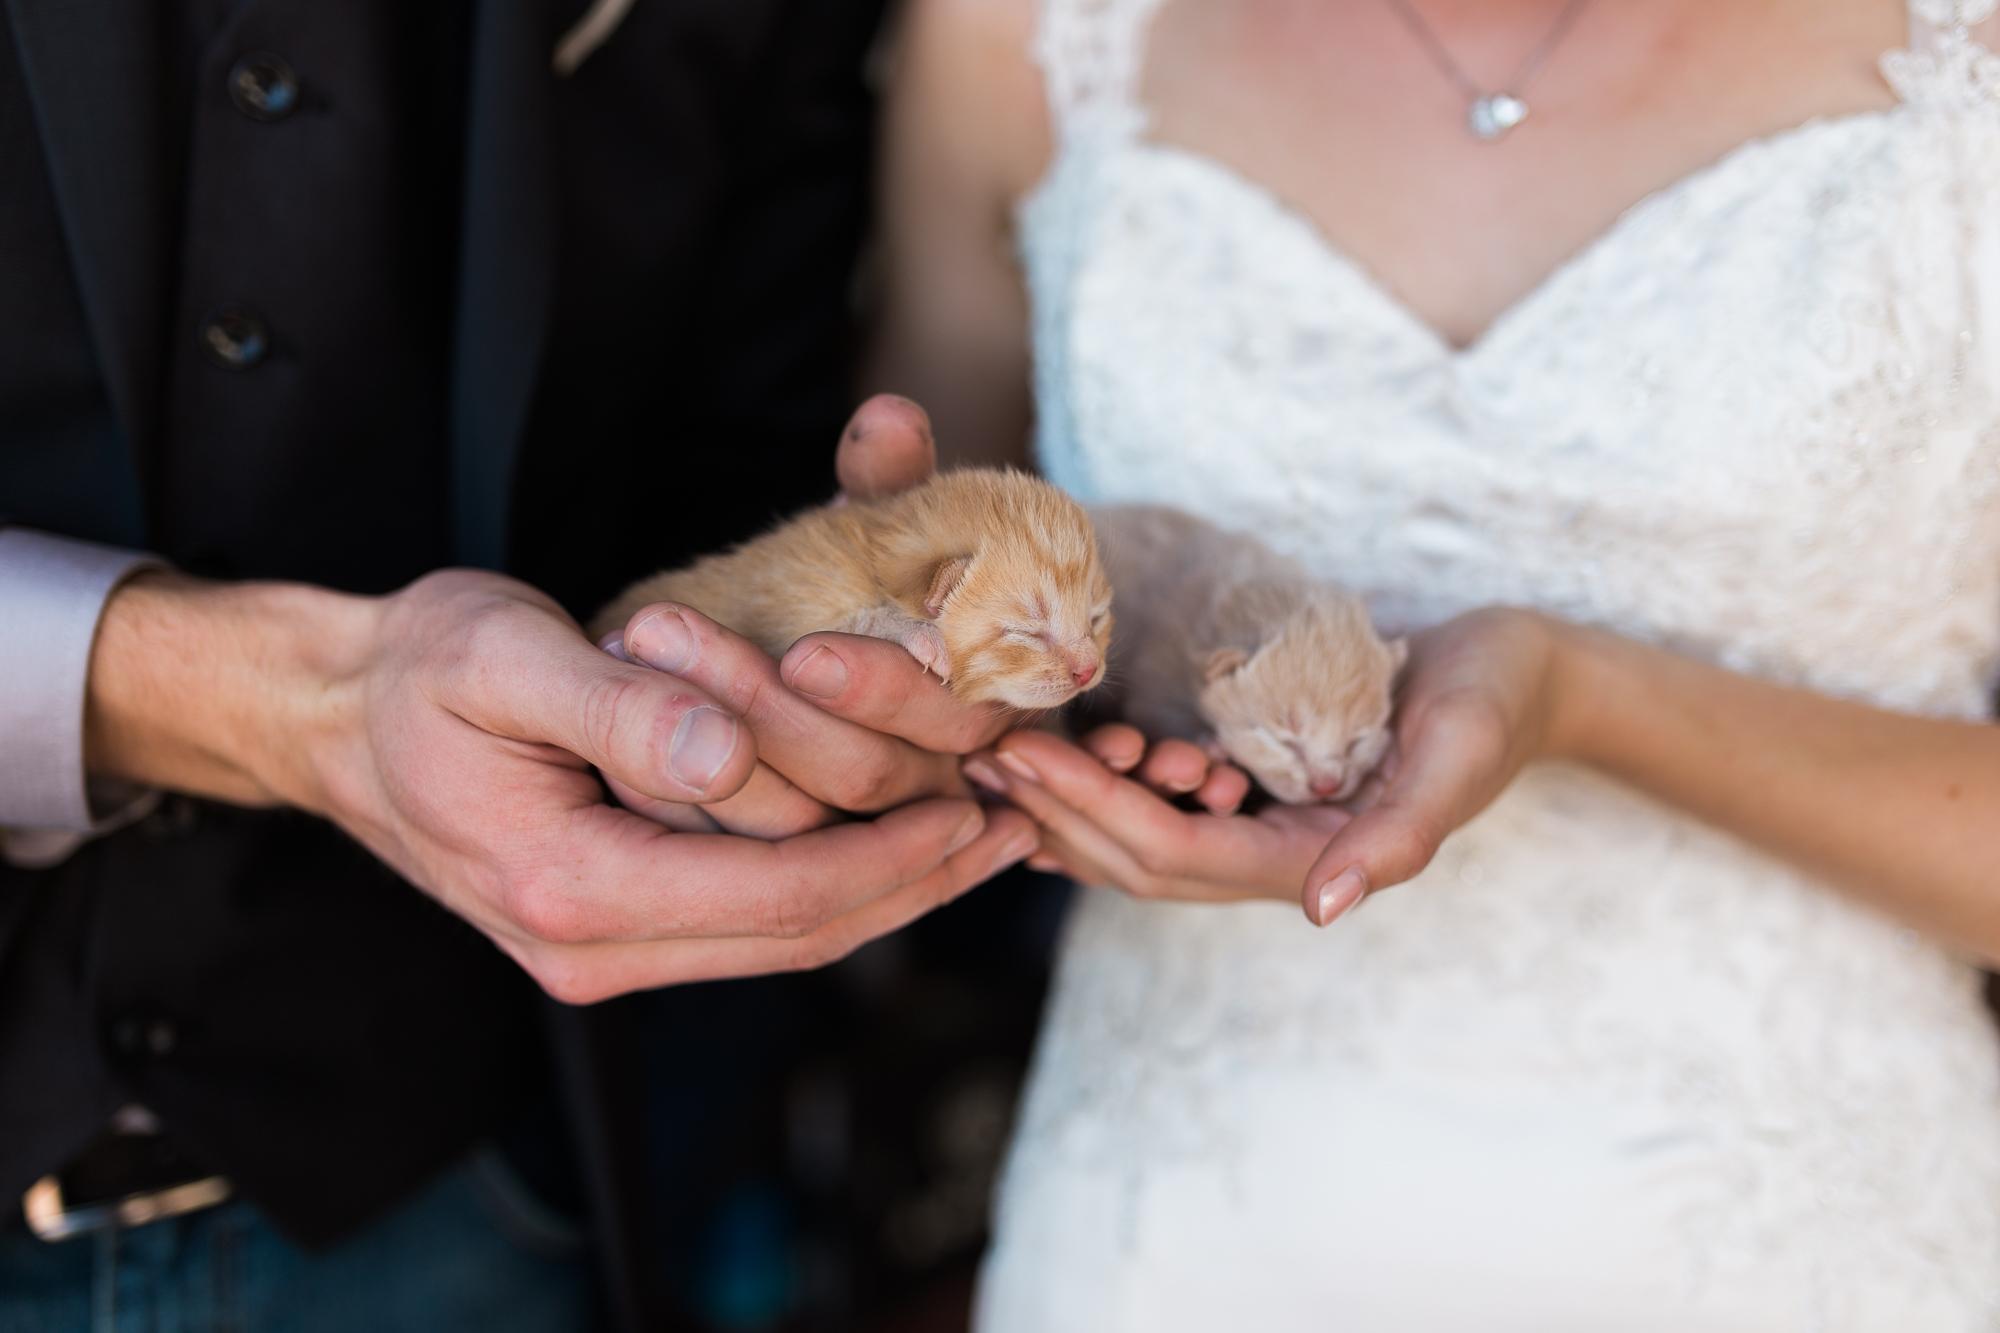 Deanna-Rachel-Photography-calgary-Wedding-photographer-jm-45.jpg